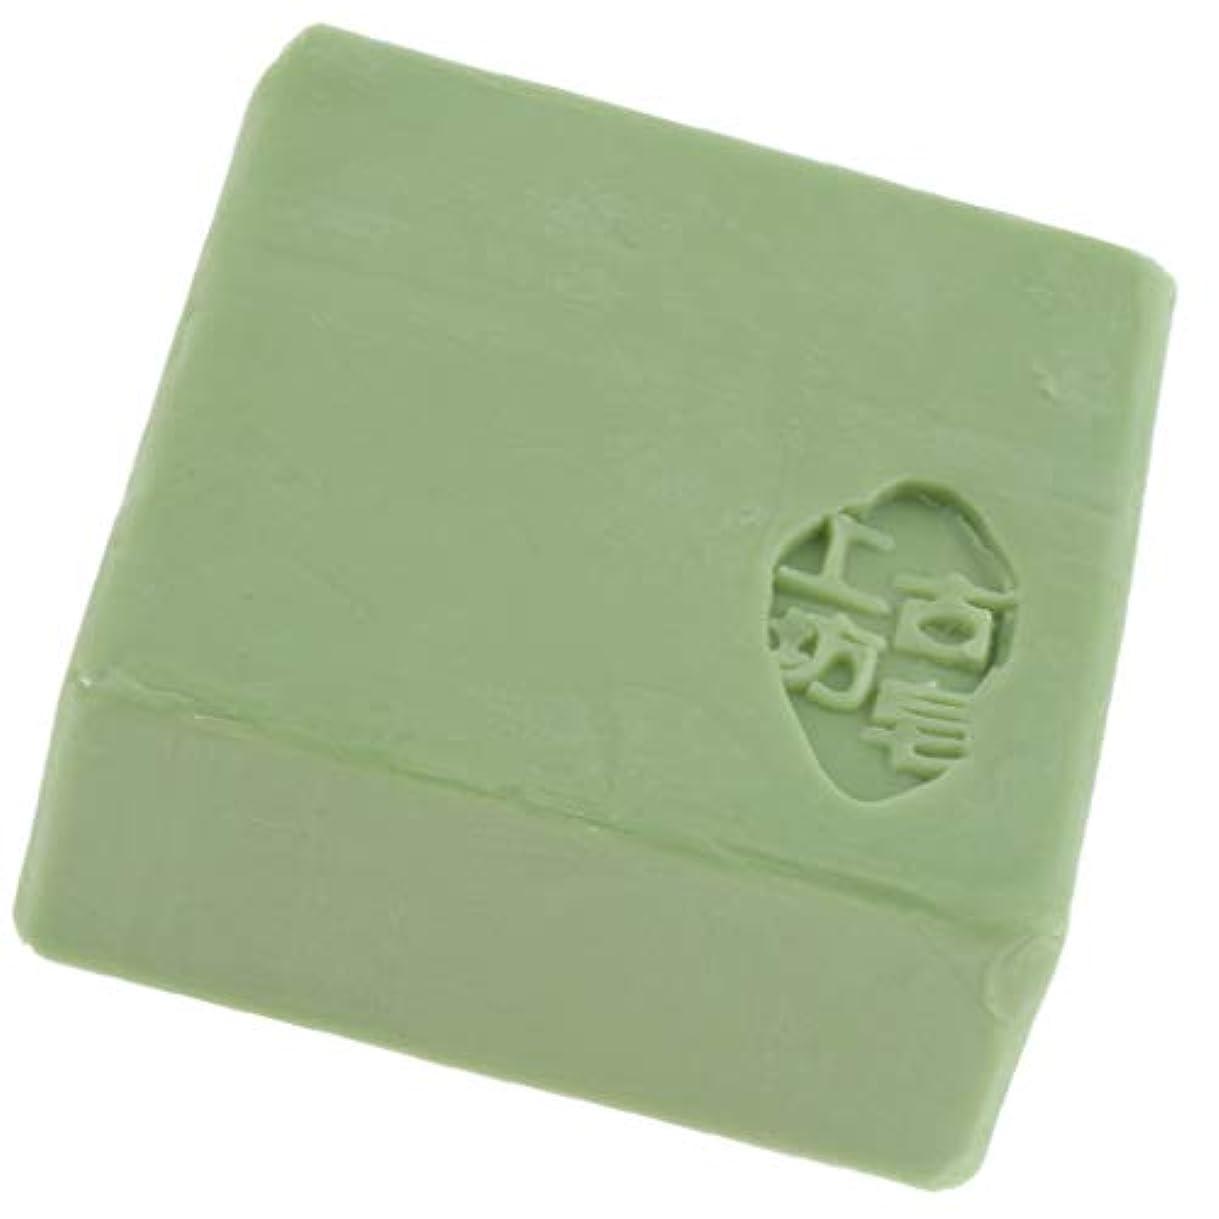 眠る嵐が丘ペルセウスBaoblaze バス スキンケア フェイス ボディソープ 石鹸 保湿 好意 全3色 - 緑